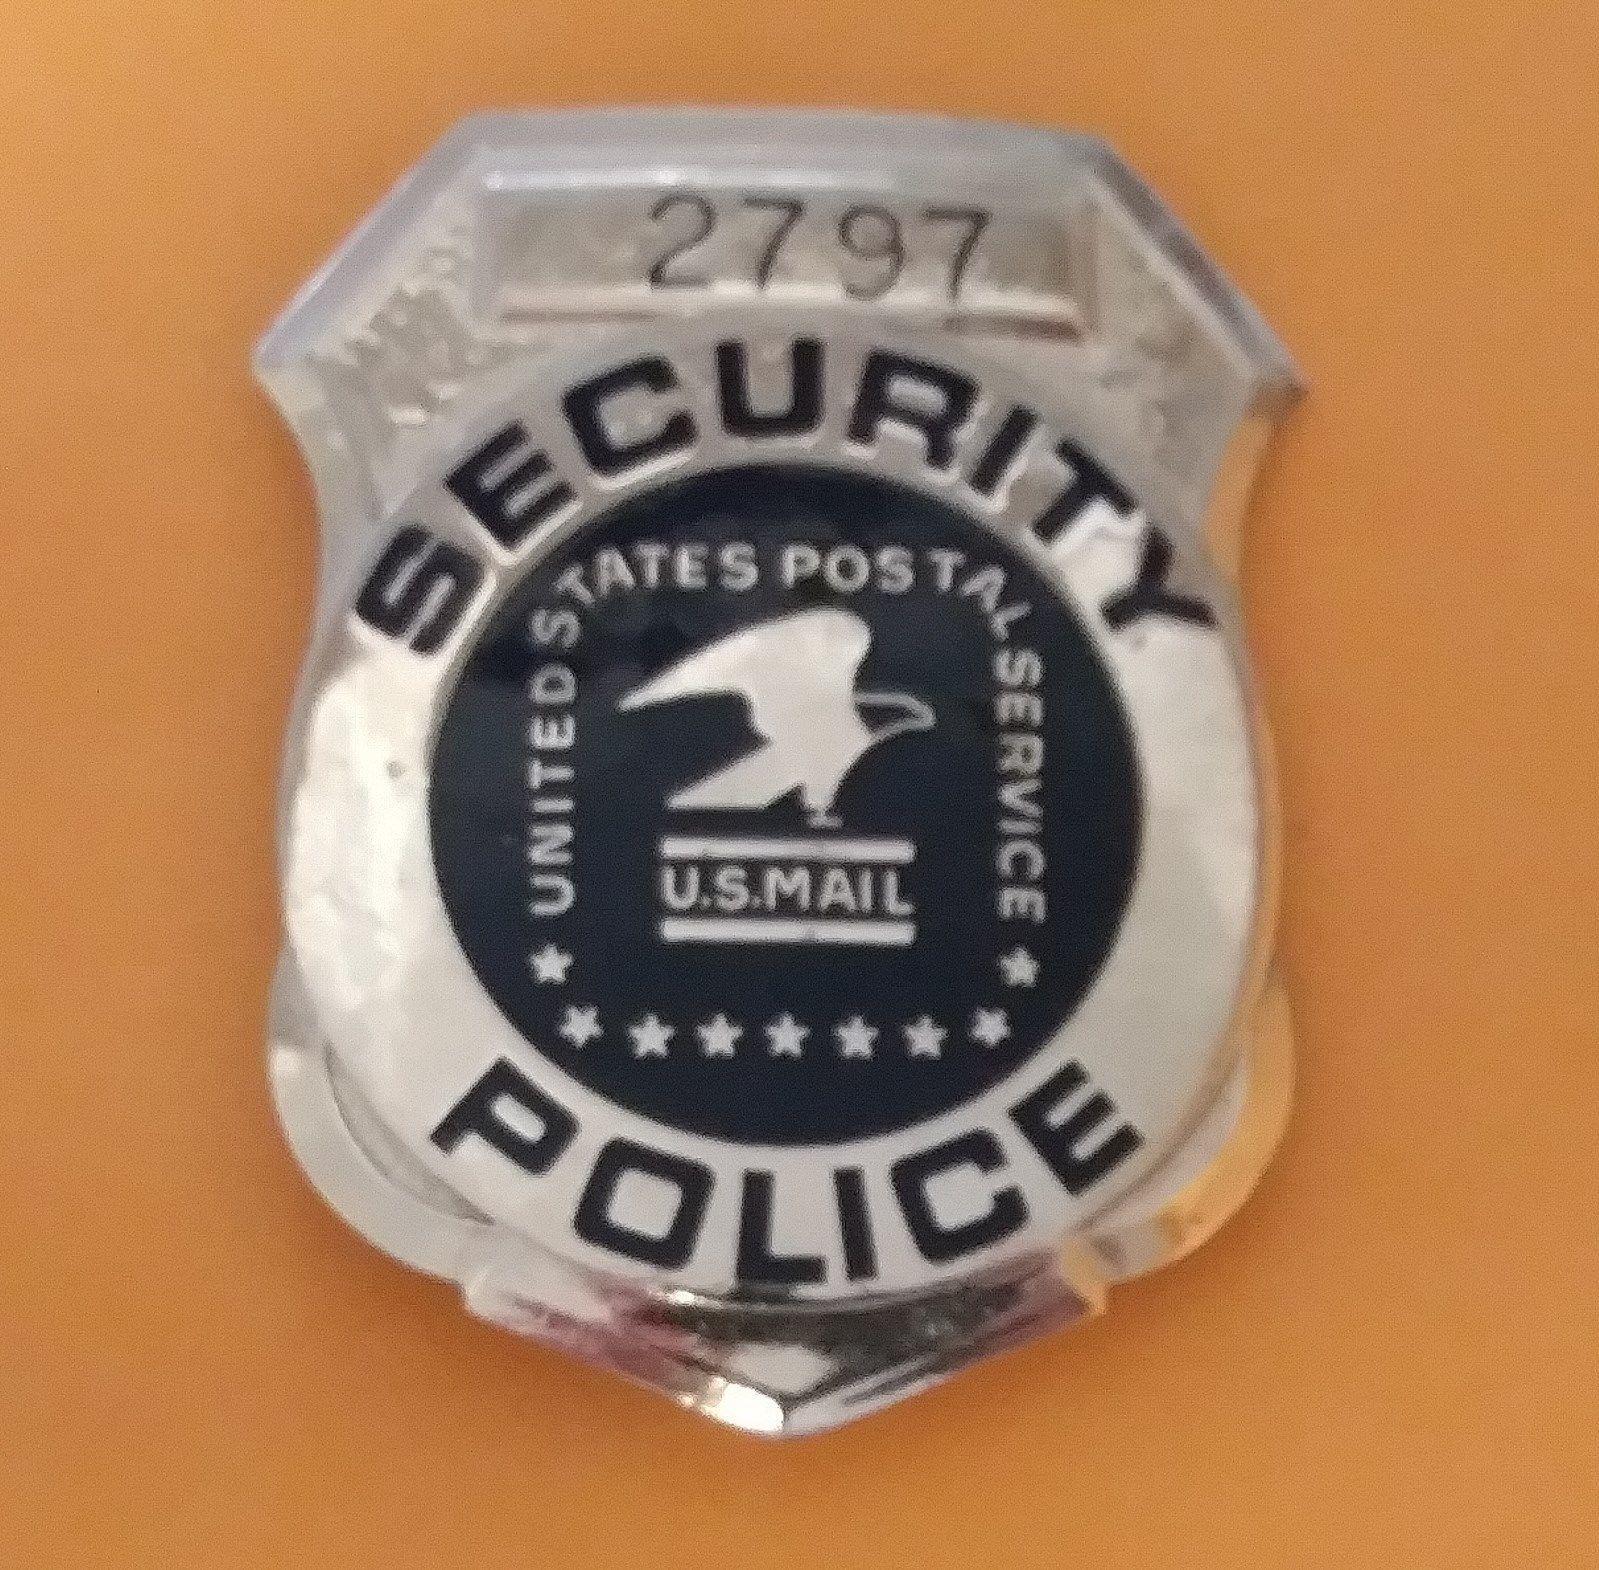 Security Police U S Postal Service V H B Postal Police Police Law Enforcement Badges